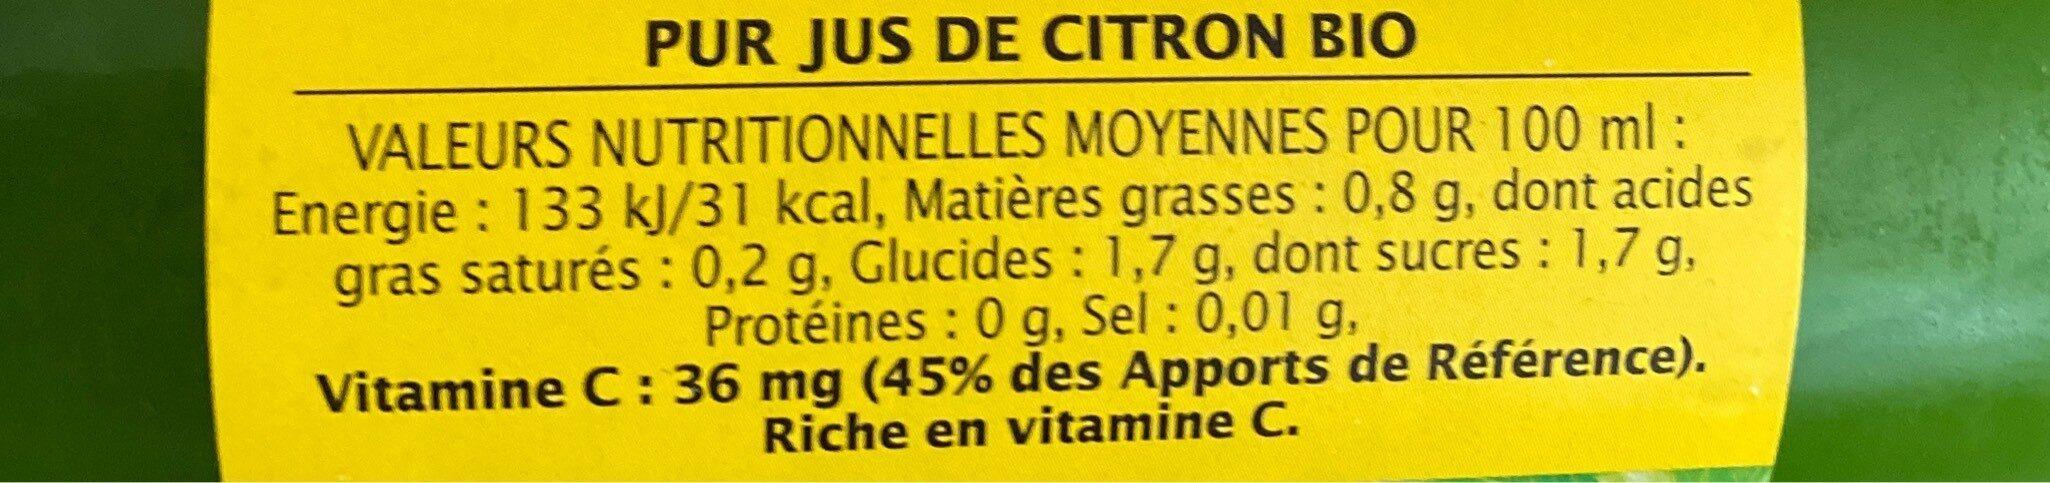 Pur jus de citron origine Sicile - Informations nutritionnelles - fr